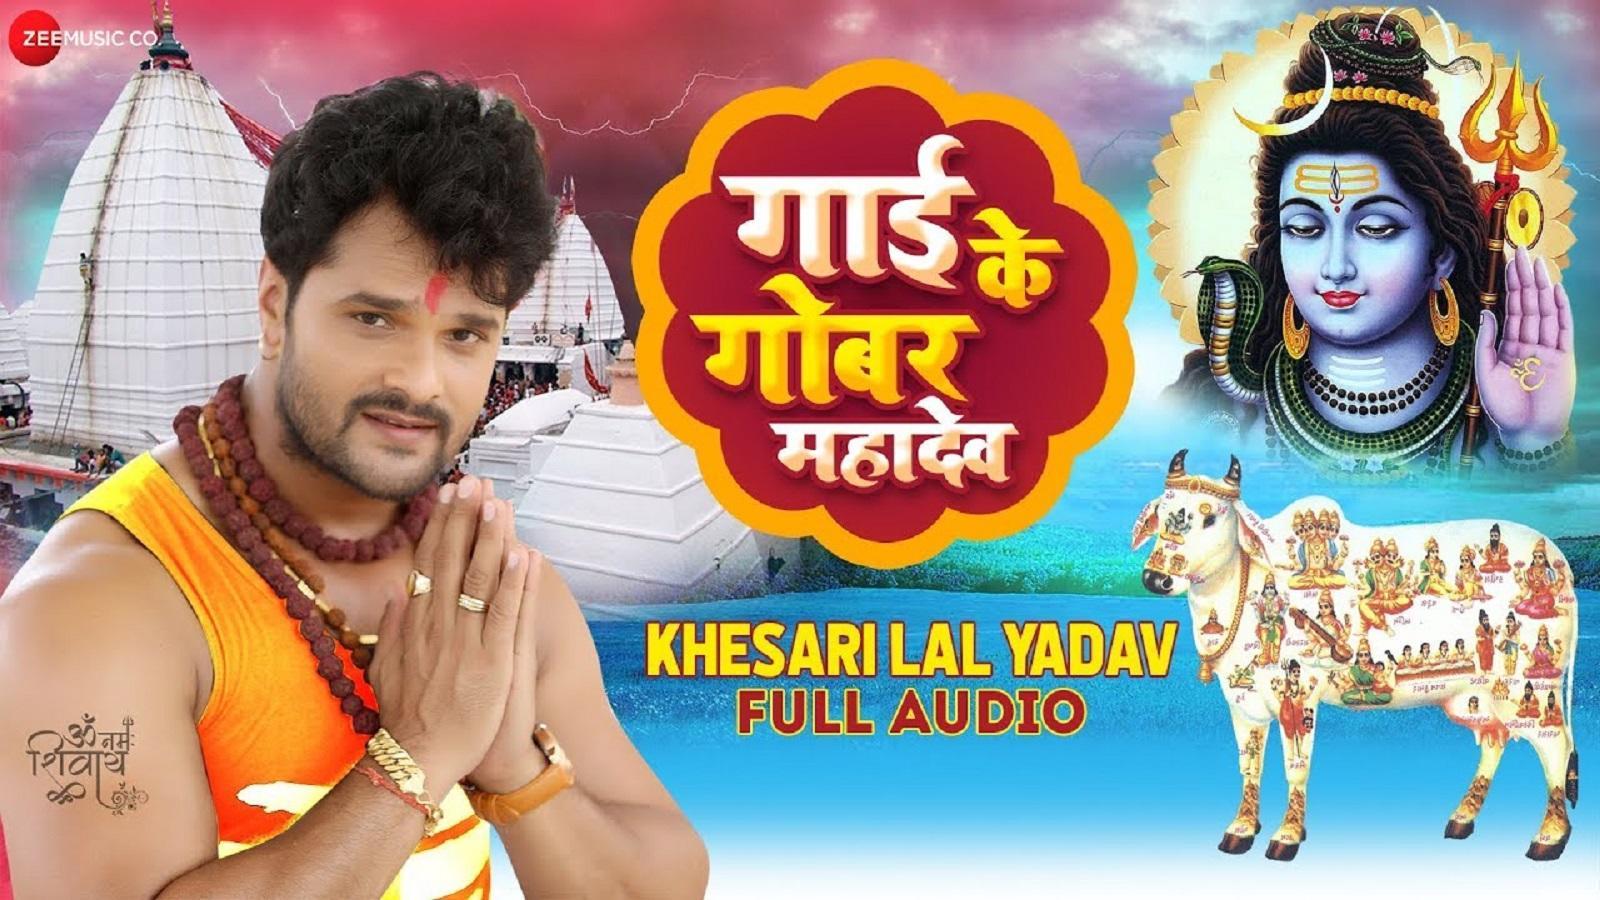 Khesari Lal Yadav Ka Naya Bhojpuri Bol Bam Gana Video Song 2019